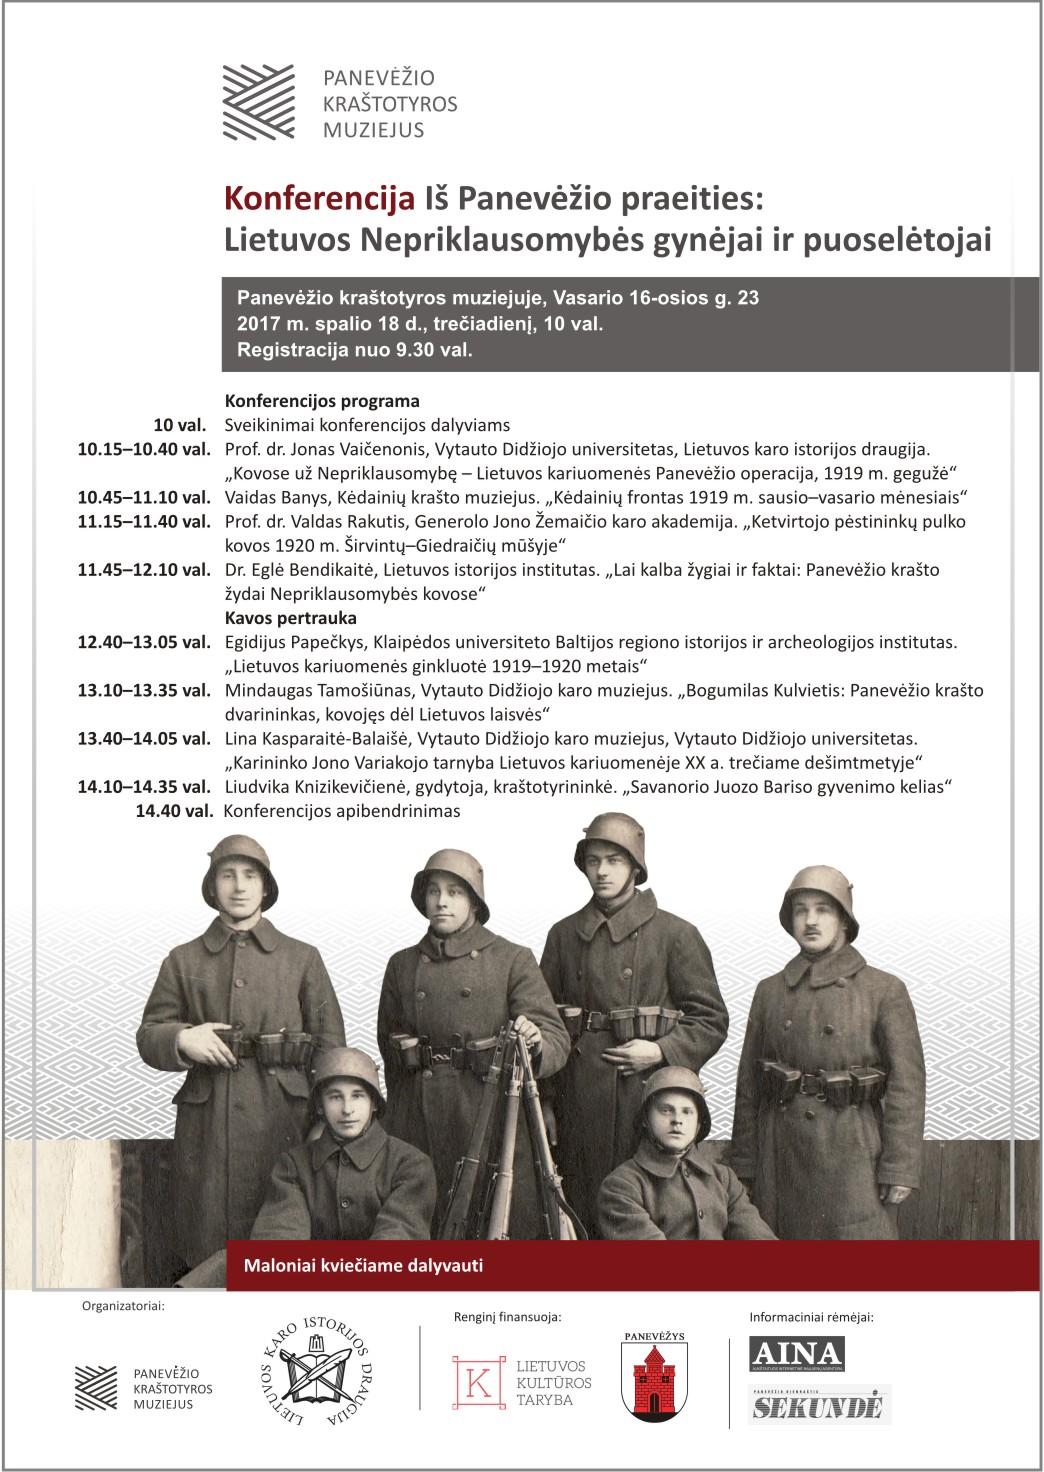 Iš Panevėžio Praeities Lietuvos Nepriklausomybės gynėjai ir puoselėtojai